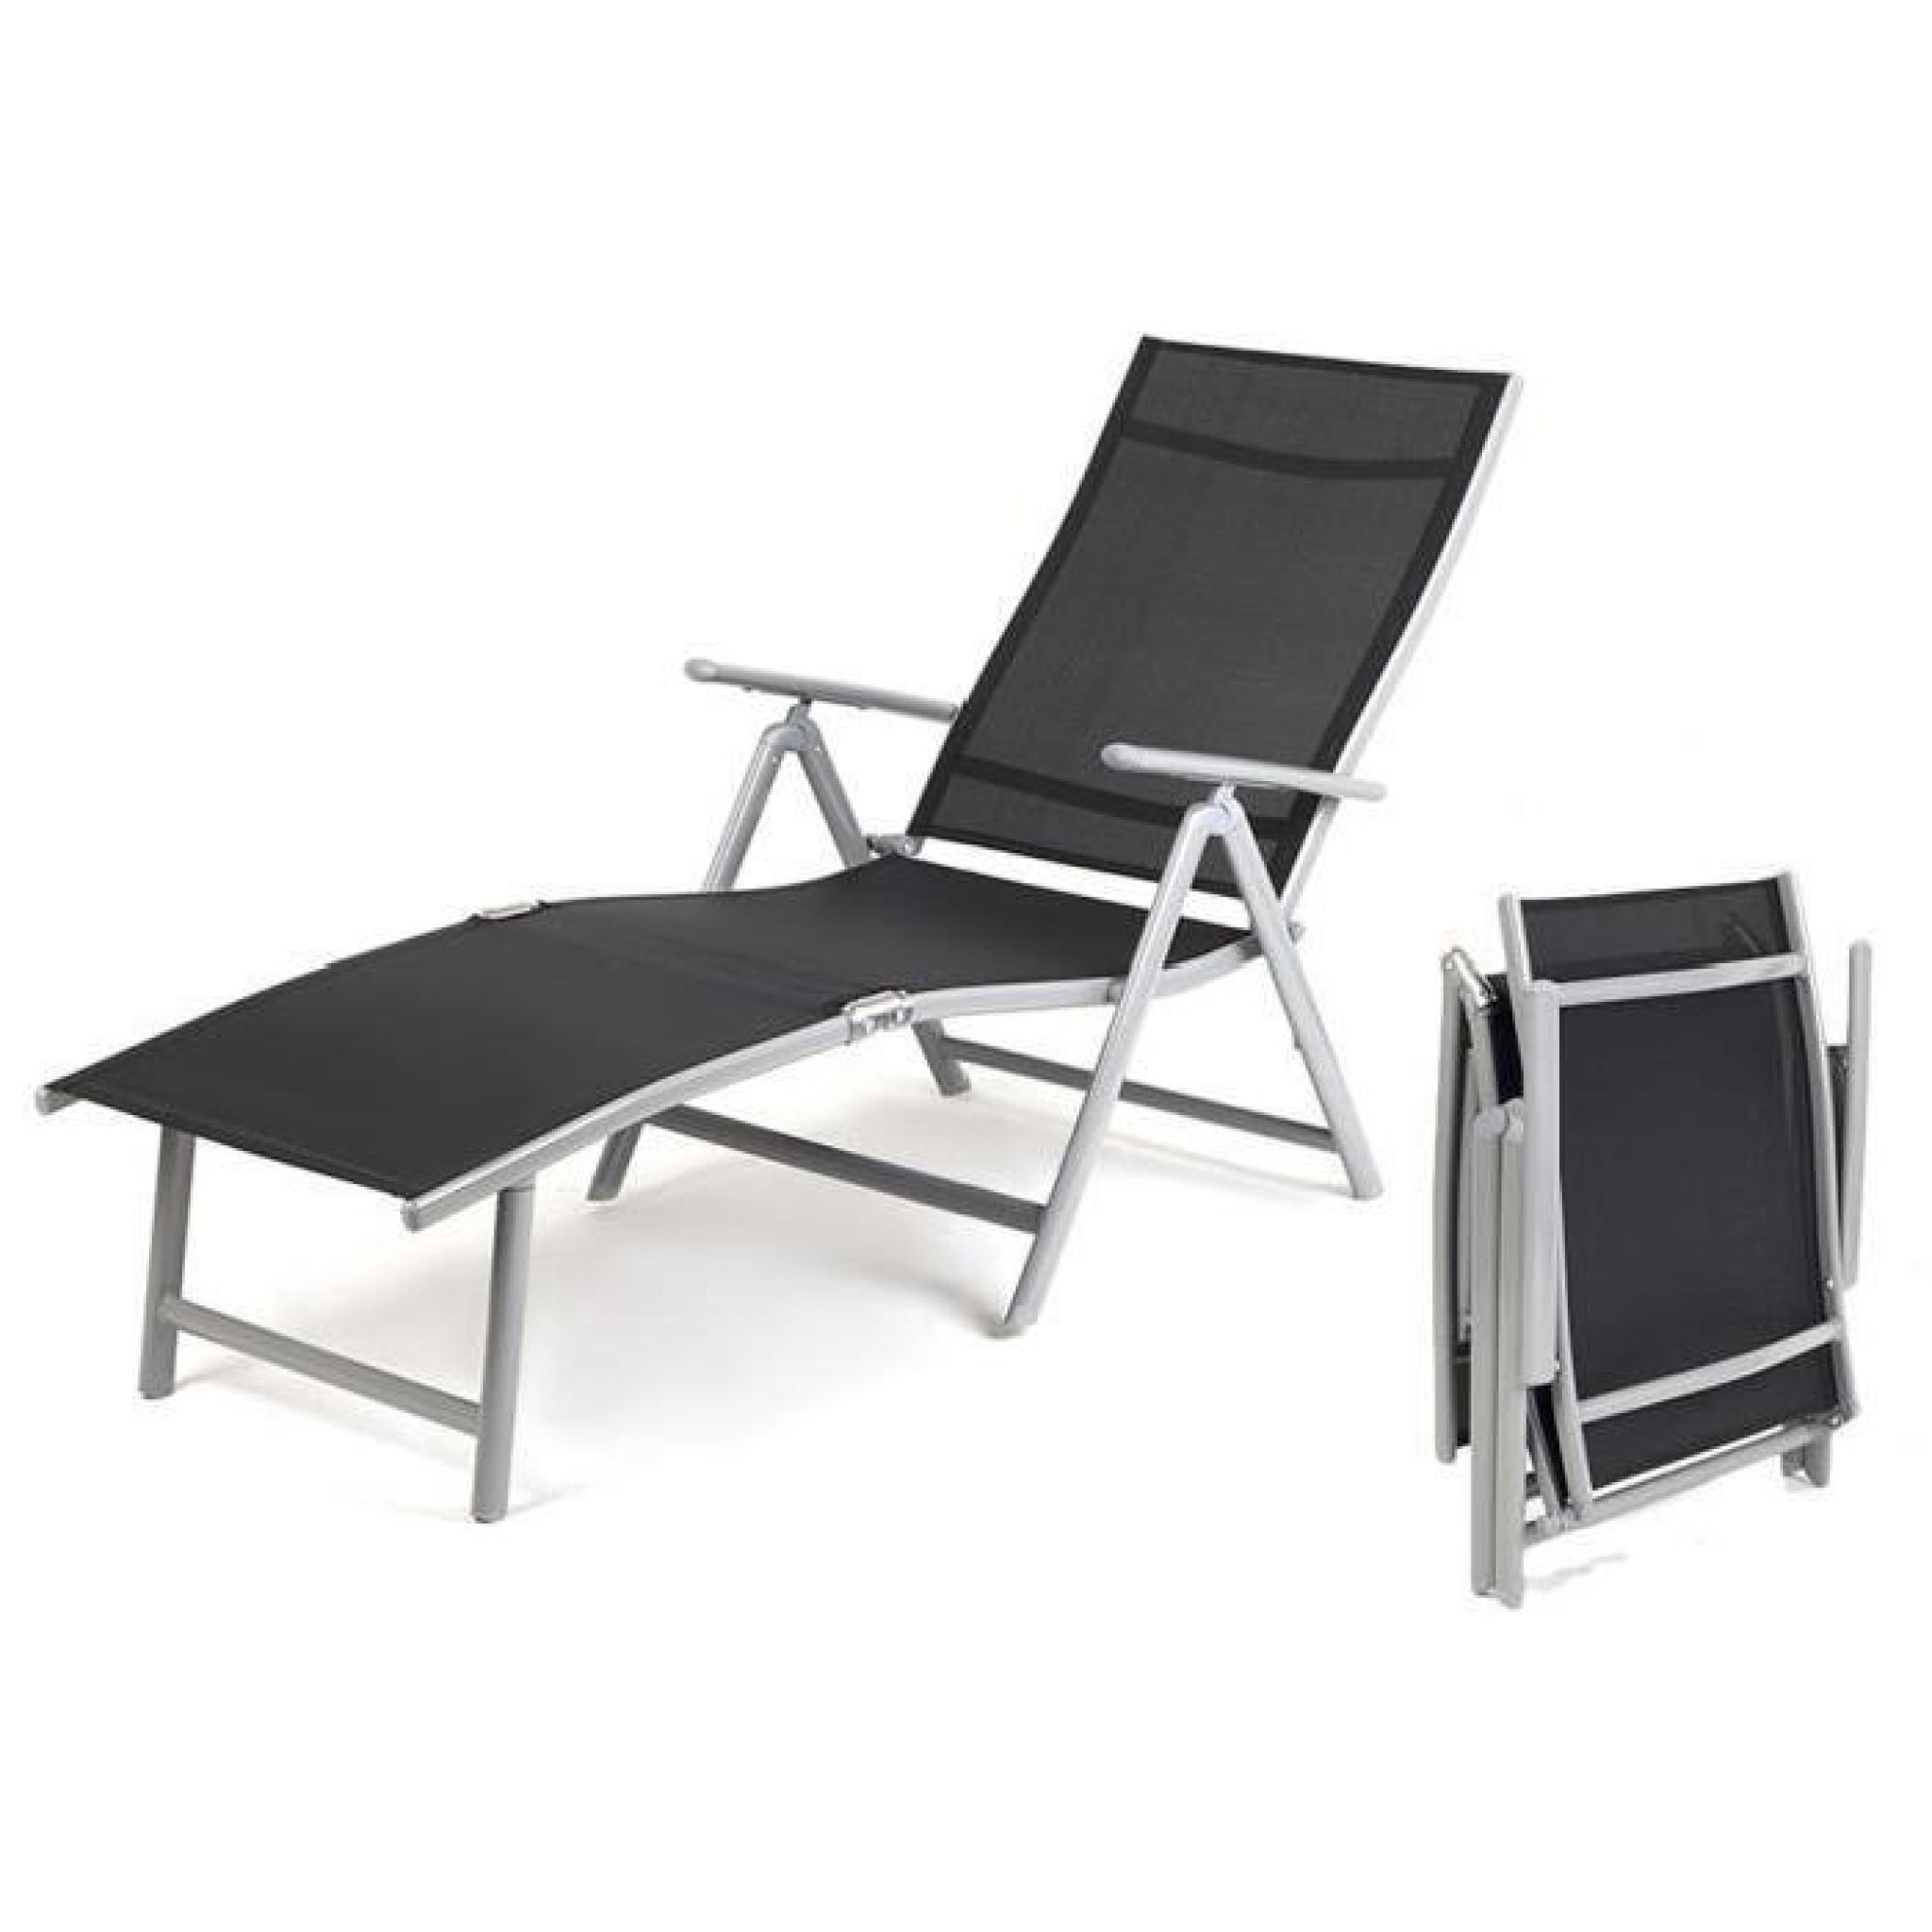 Super transat reglable FLORENCE Noir bain soleil pliable qualité superieure  allu